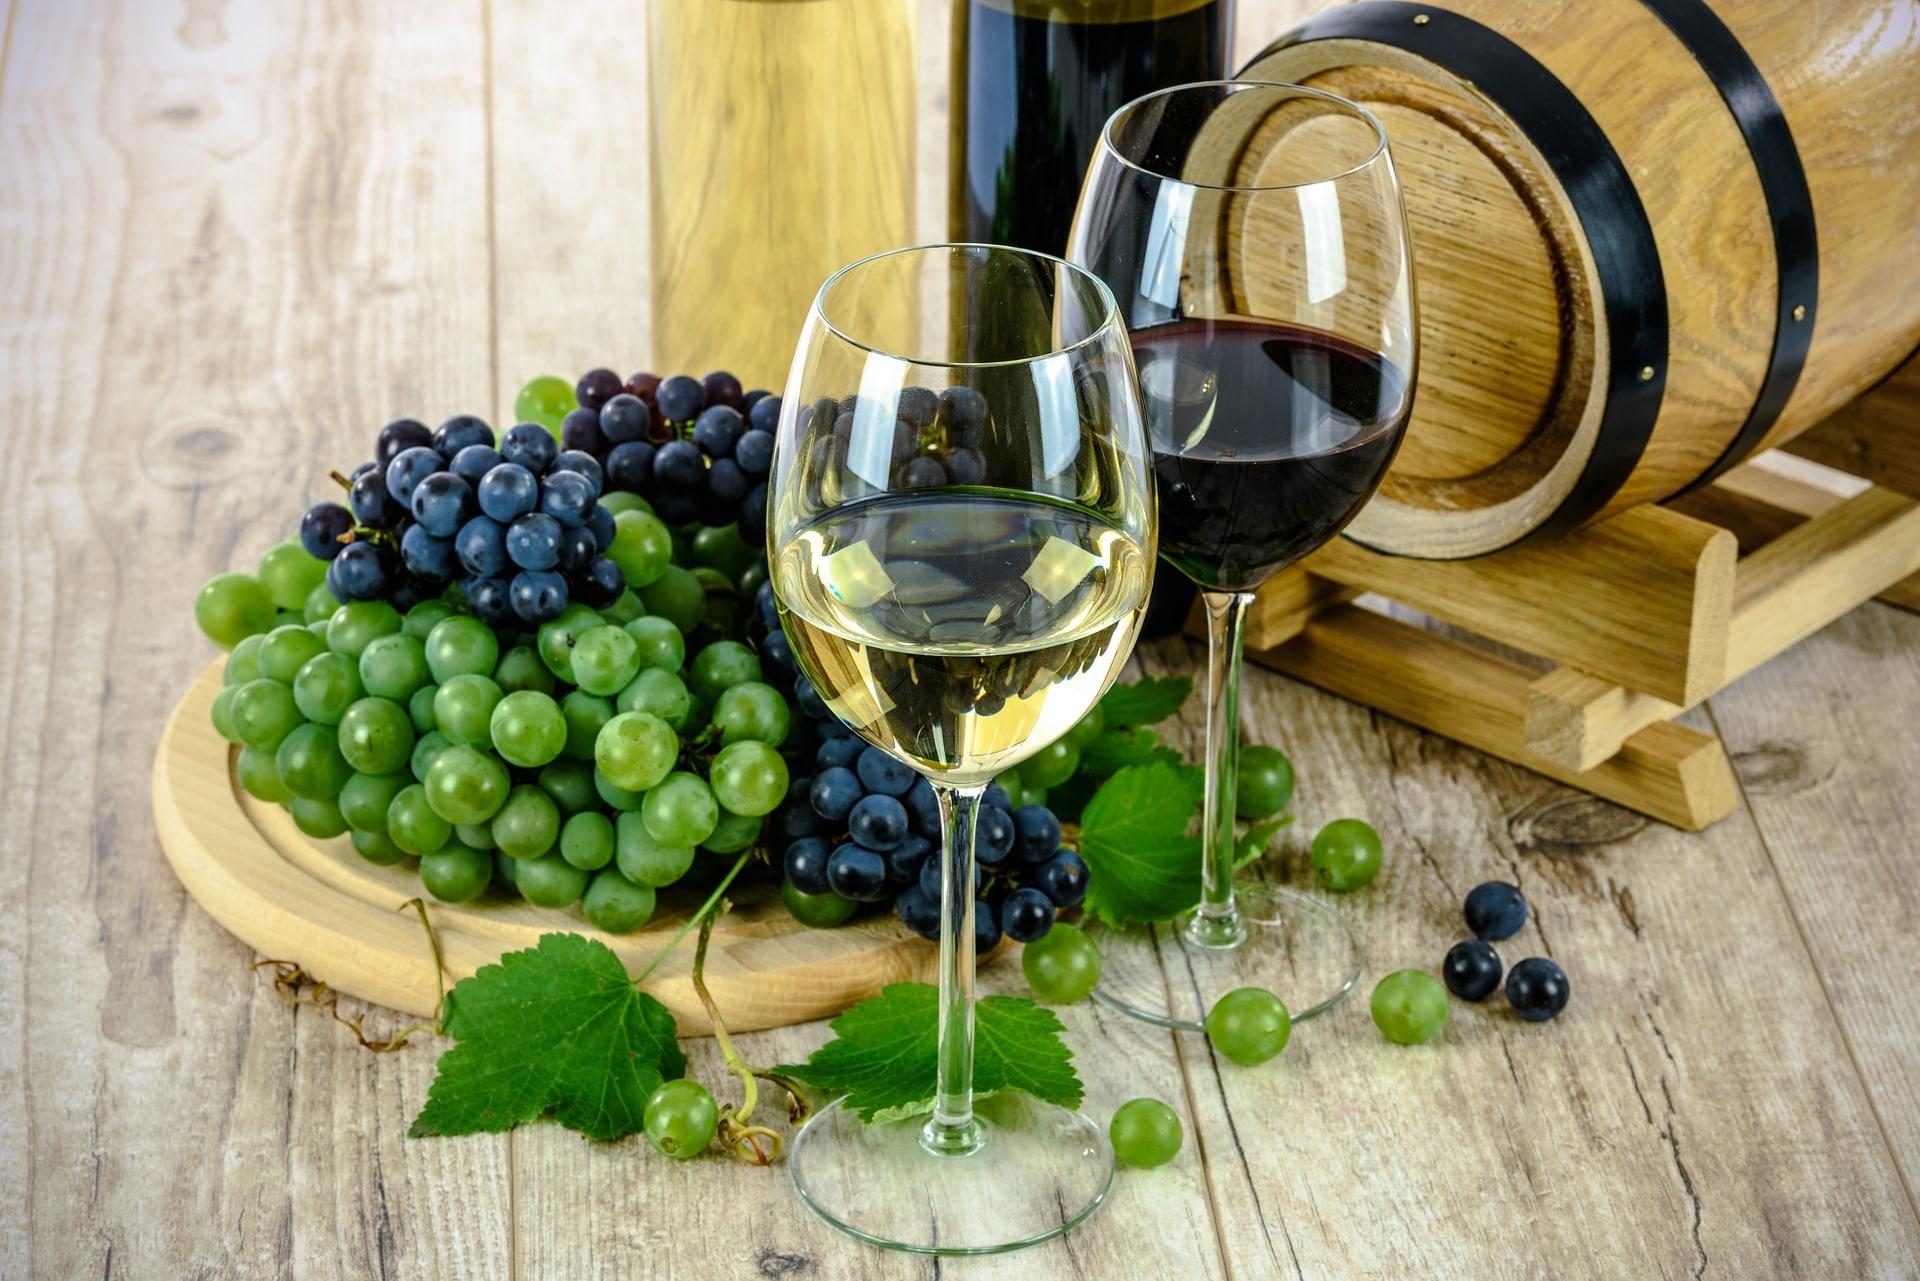 Вина Франции. Как читать французские винные этикетки